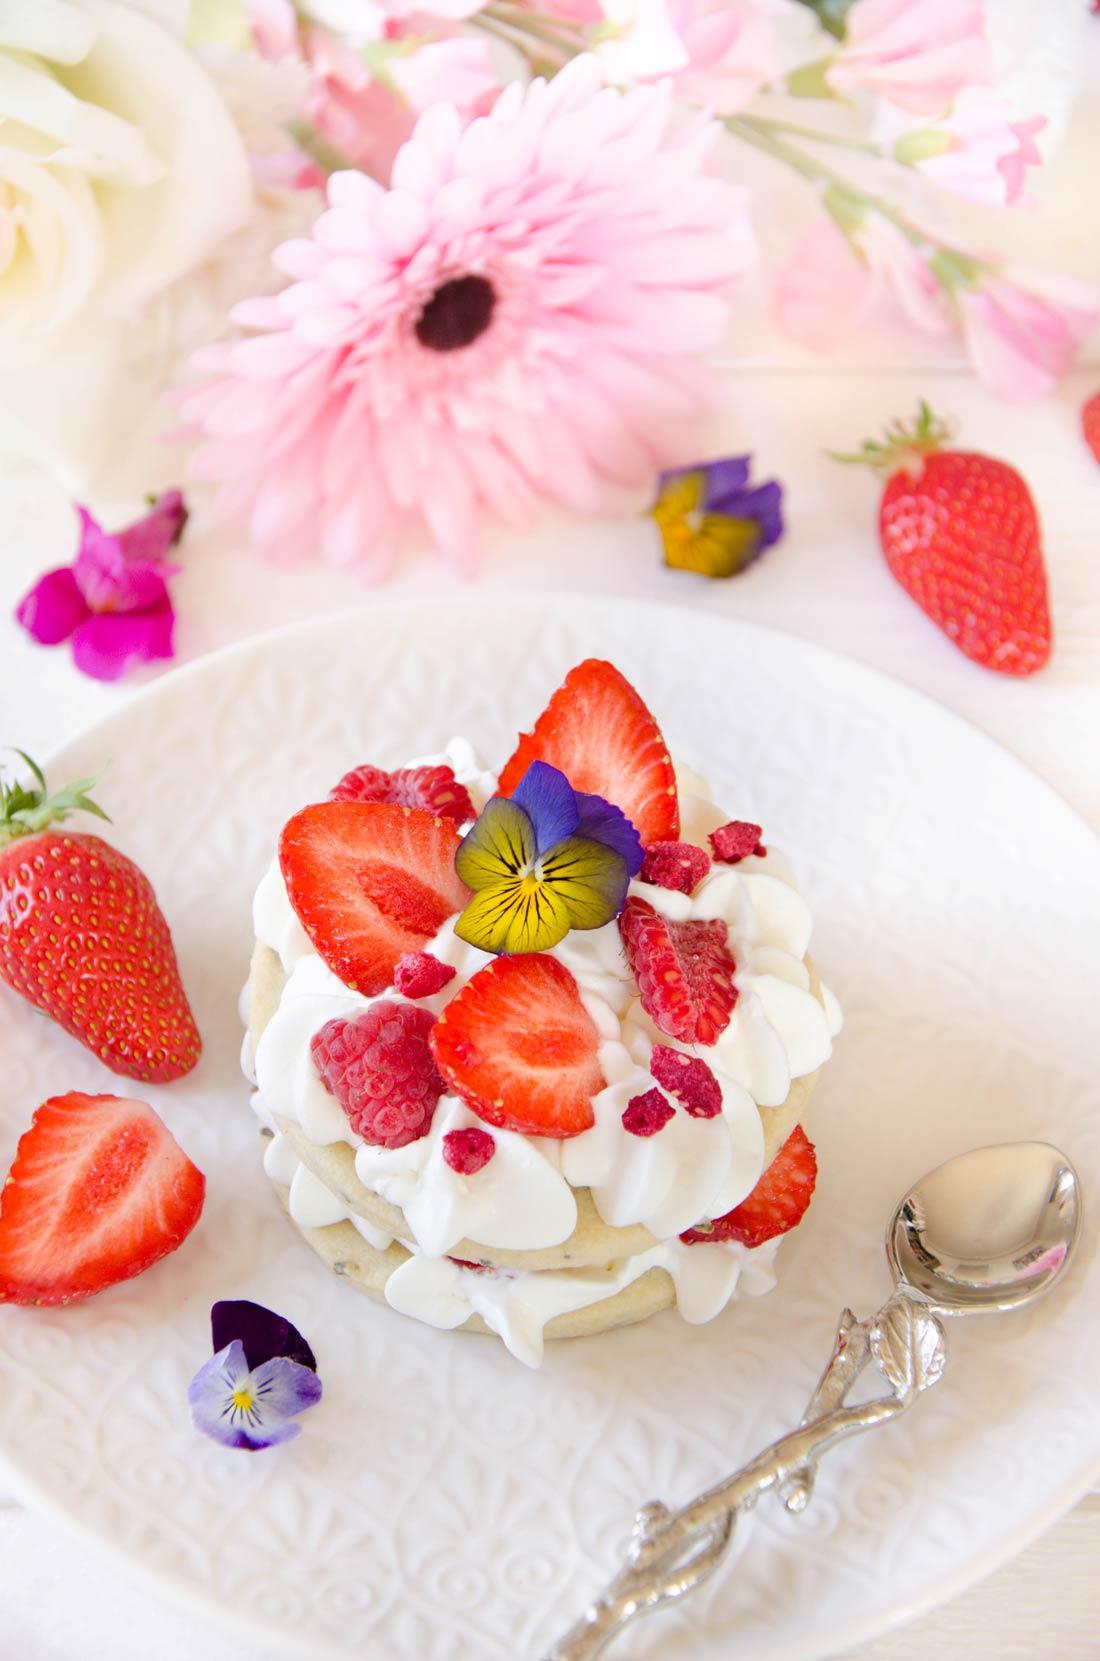 Recette de sablés fraises framboises et lavande